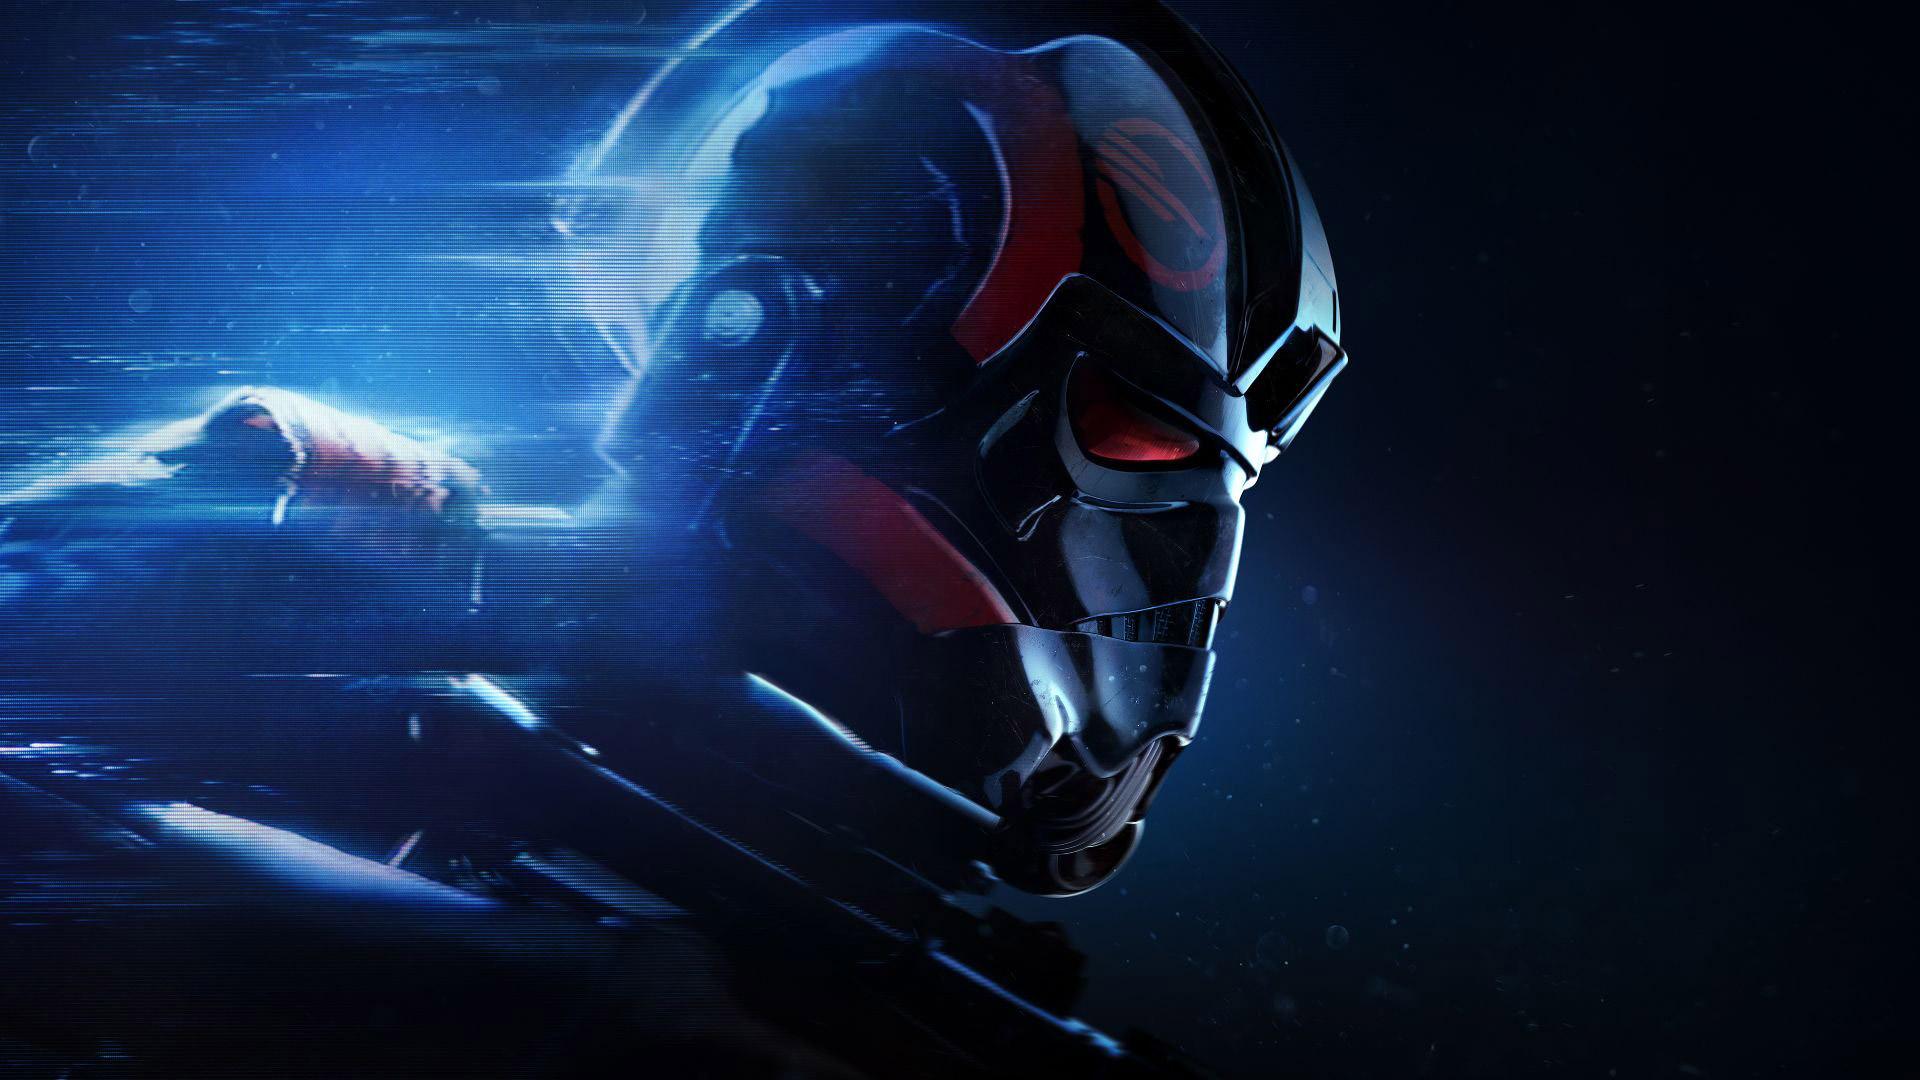 Star Wars Battlefront II PS4 vrplayer.fr